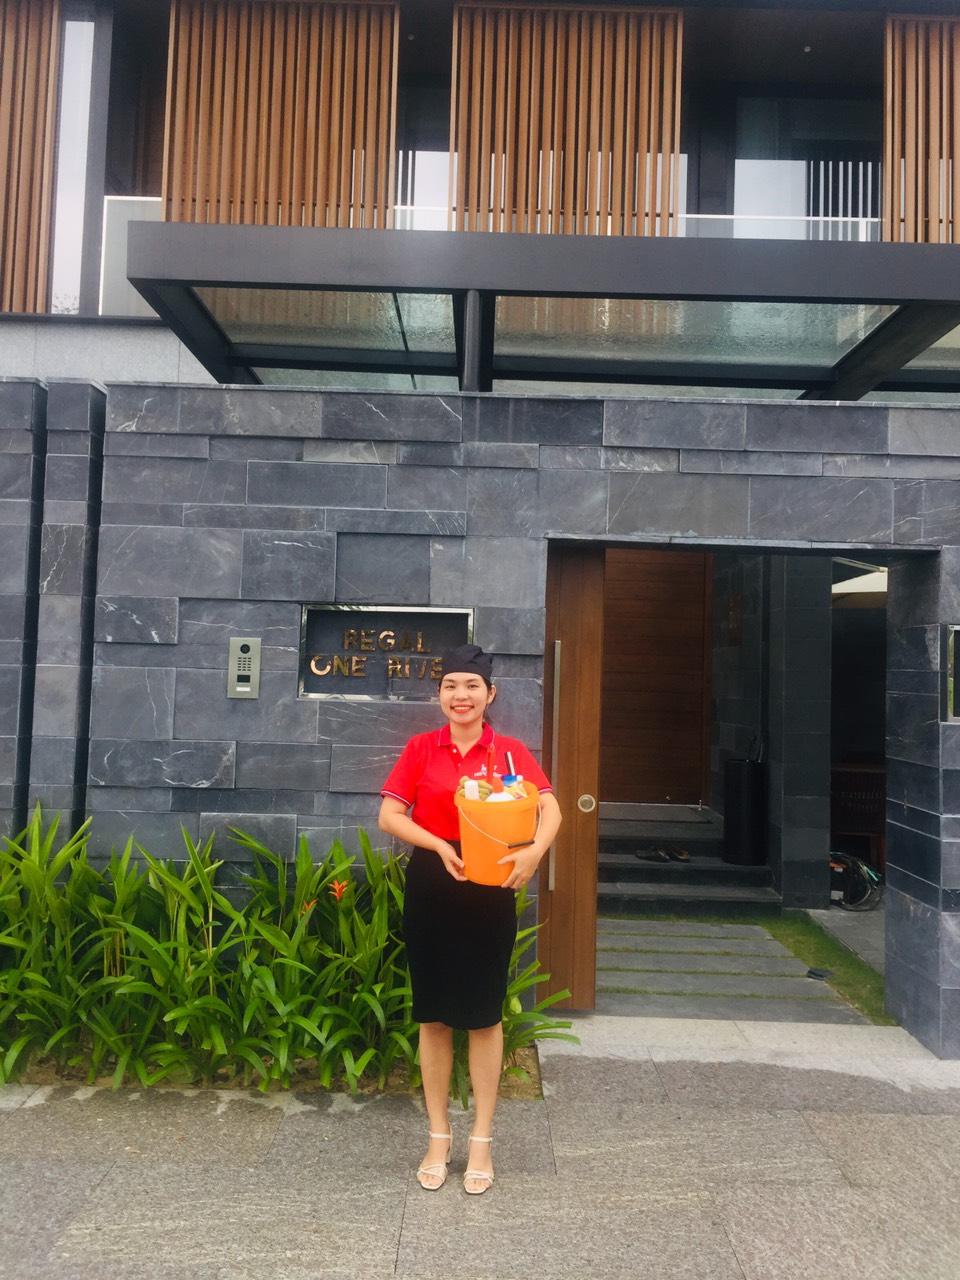 Dịch vụ cung cấp tạp vụ hành chính chuẩn 5 sao tại Đà Nẵng | Novoking